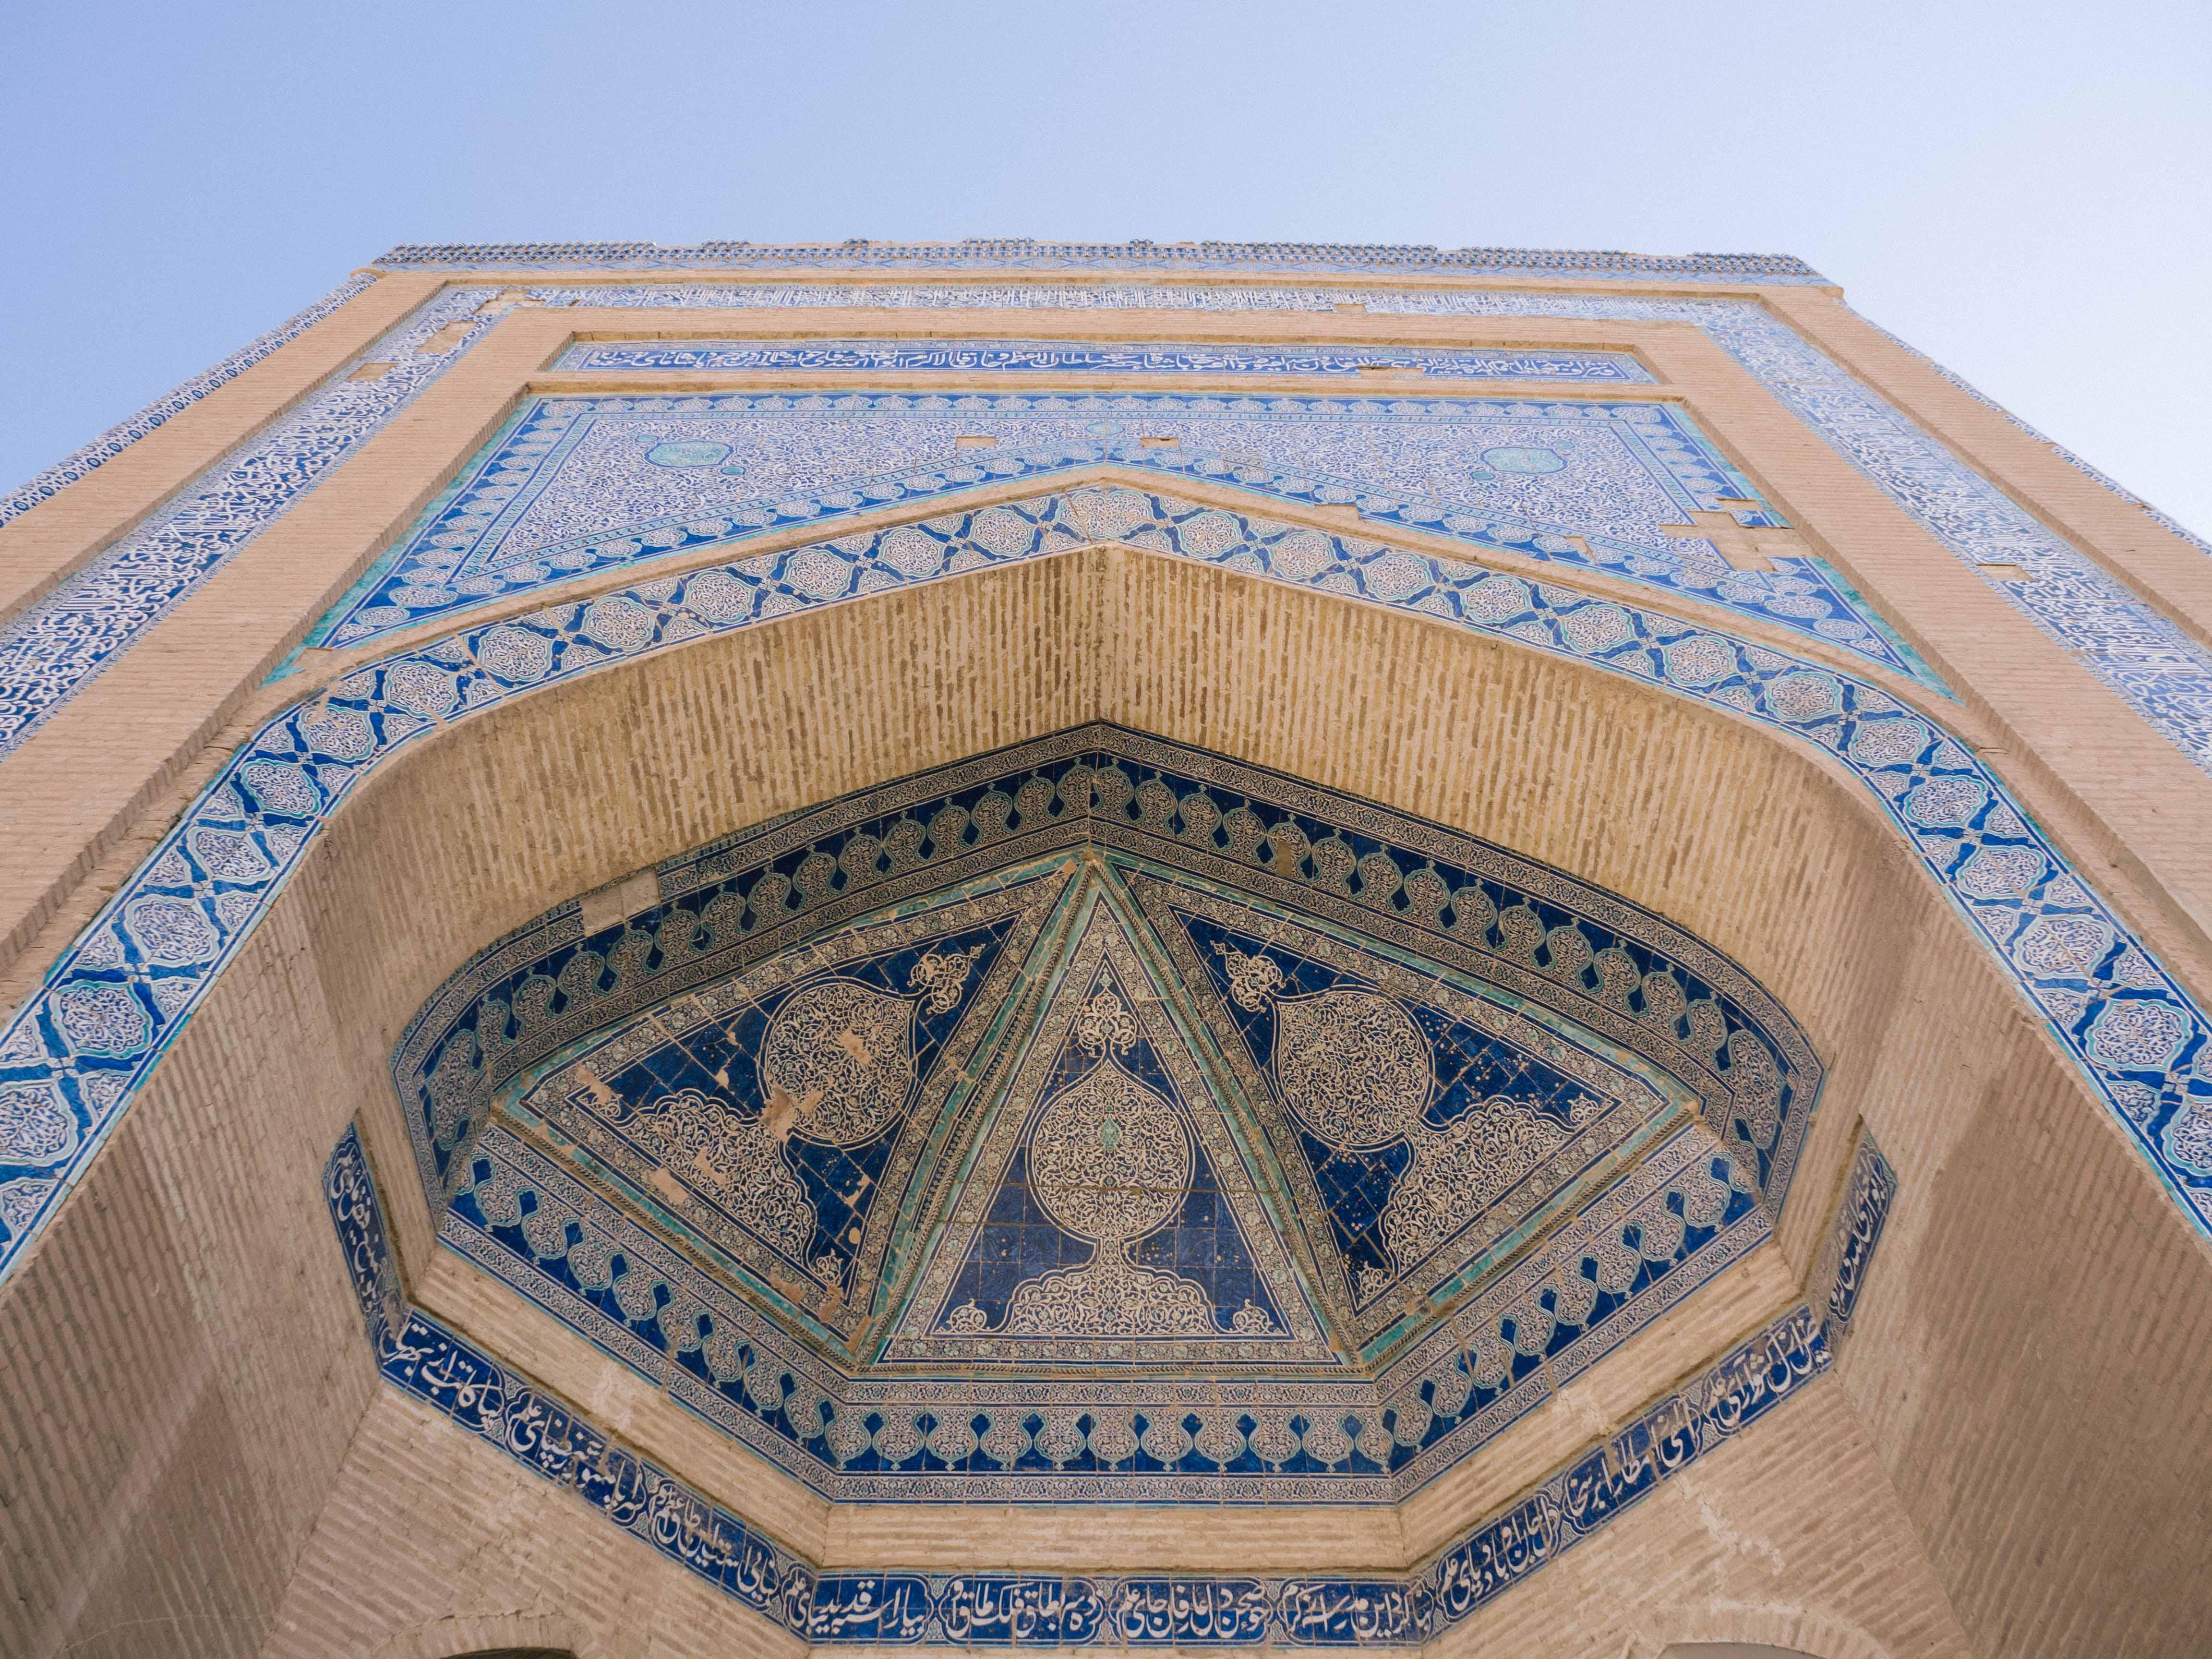 Image for blog article: Khiva